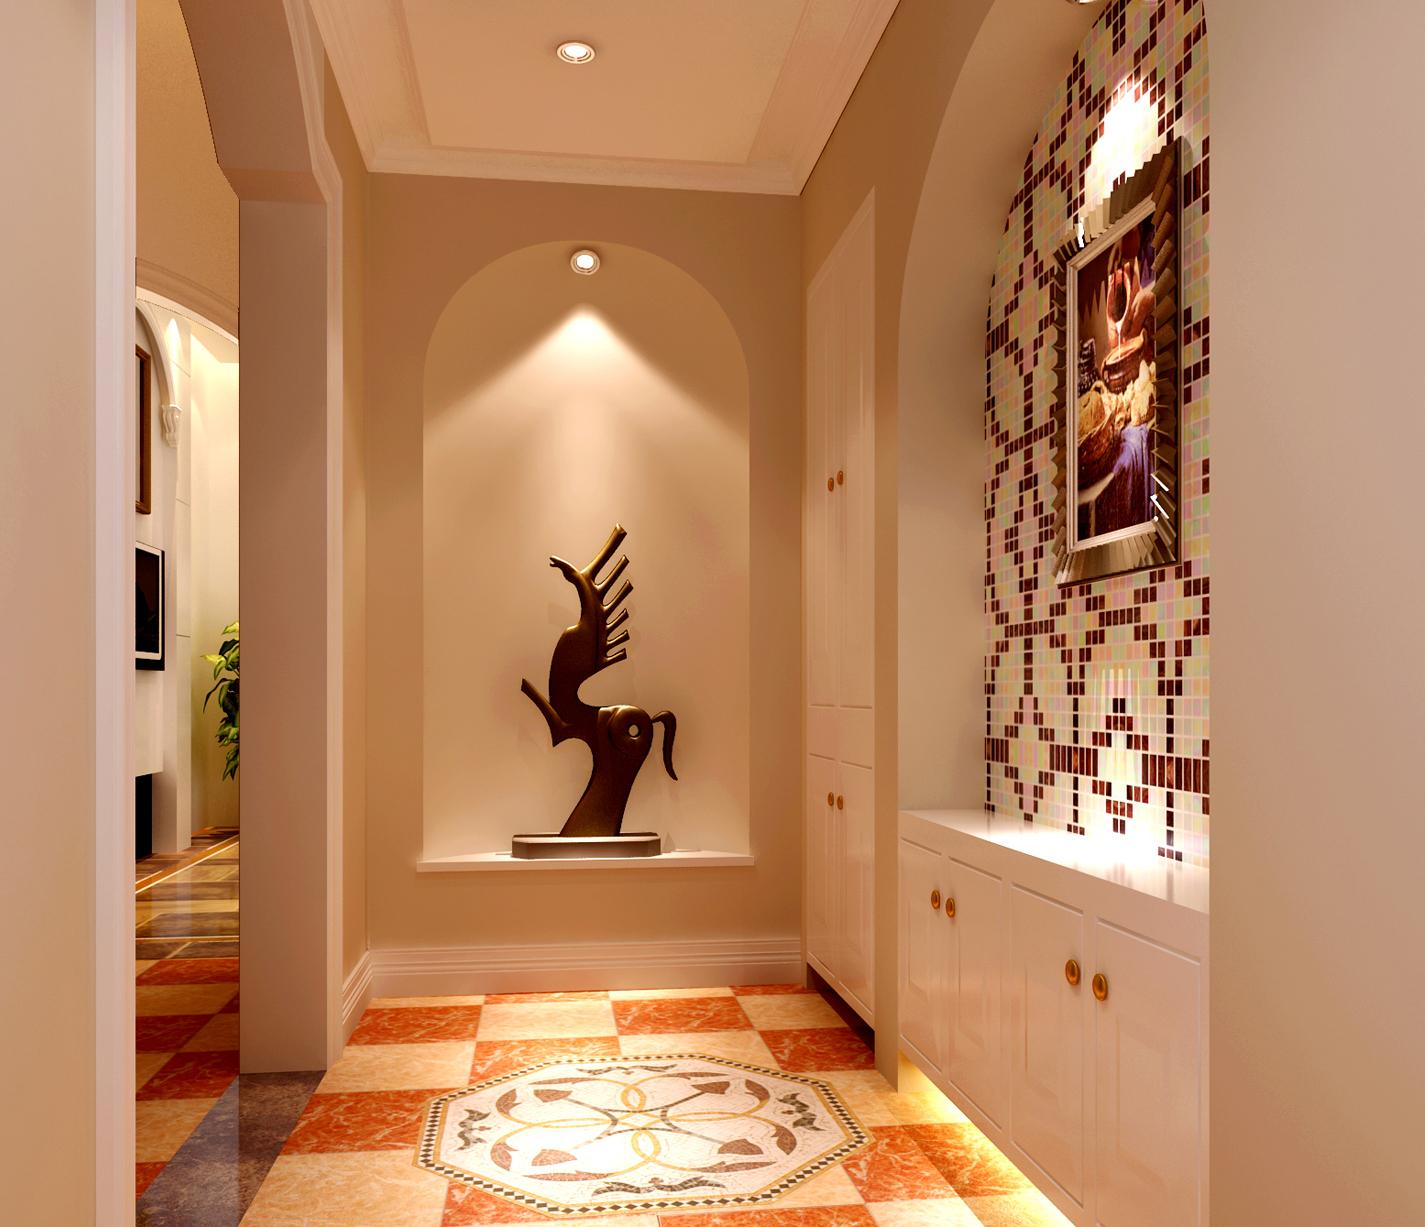 高度国际 欧式 别墅 玄关图片来自高度国际在32w打造奢华欧式风天竺新新家园的分享